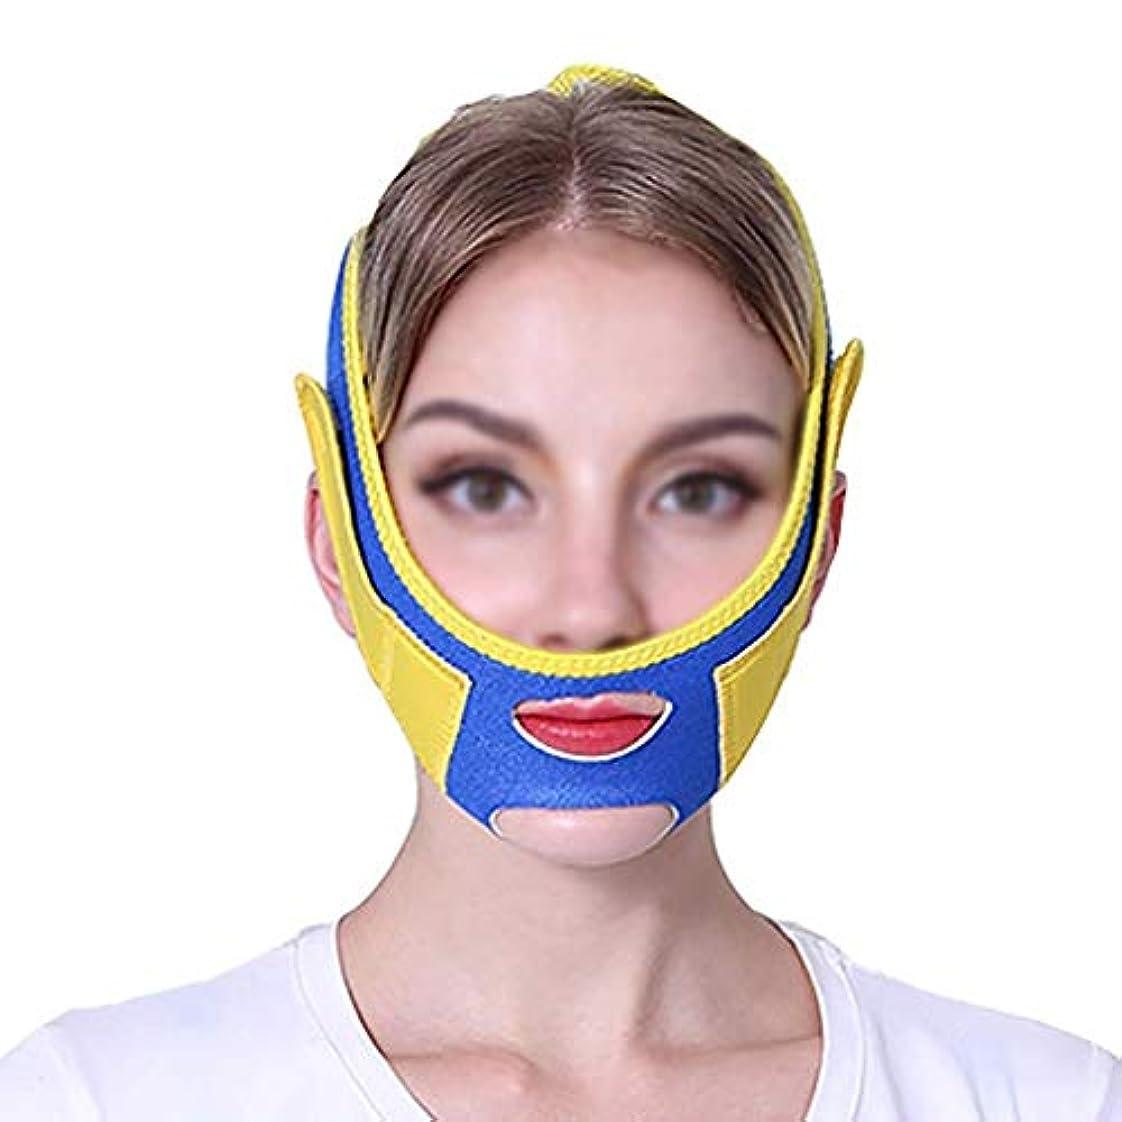 リーもっと少なくファーミングフェイスマスク、スモールVフェイスアーティファクトリフティングマスクフェイスリフティングフェイスメロンフェイスリフティングフェイスマスクファーミングクリームフェイスリフティングバンデージ